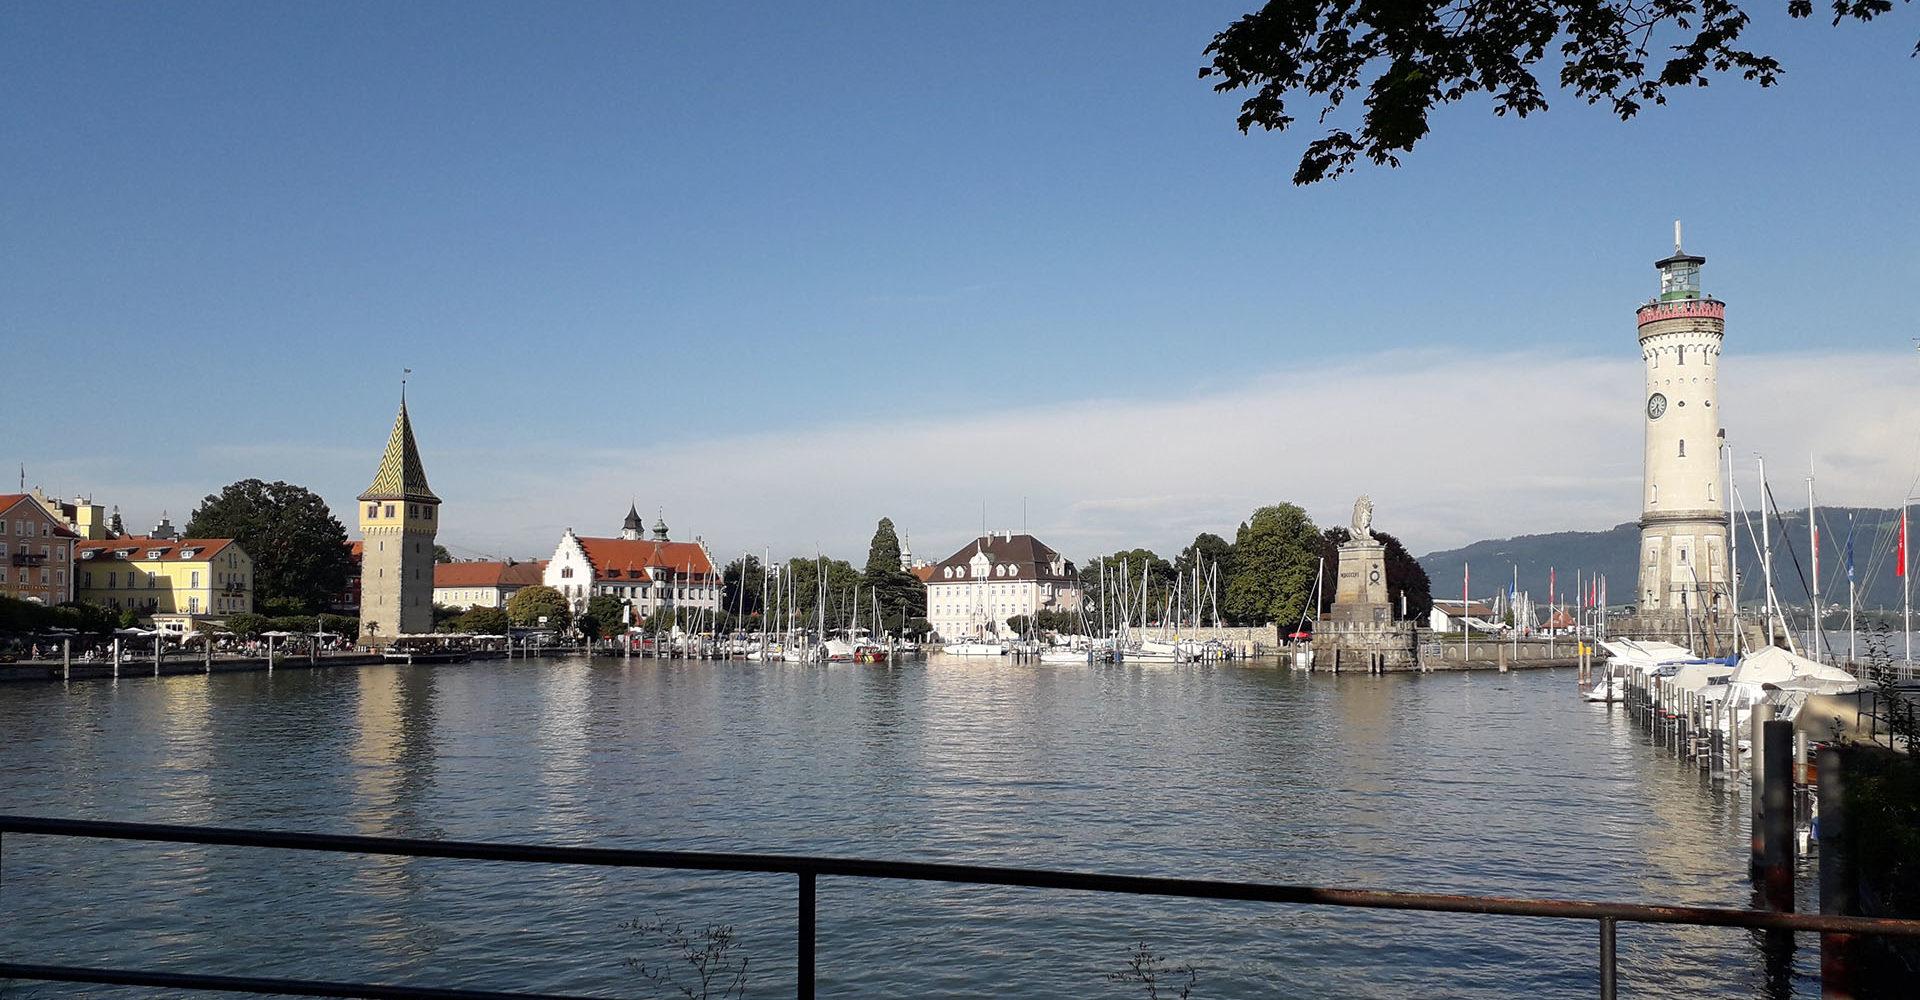 Ferienprogramm in Lindau am Bodensee 2019